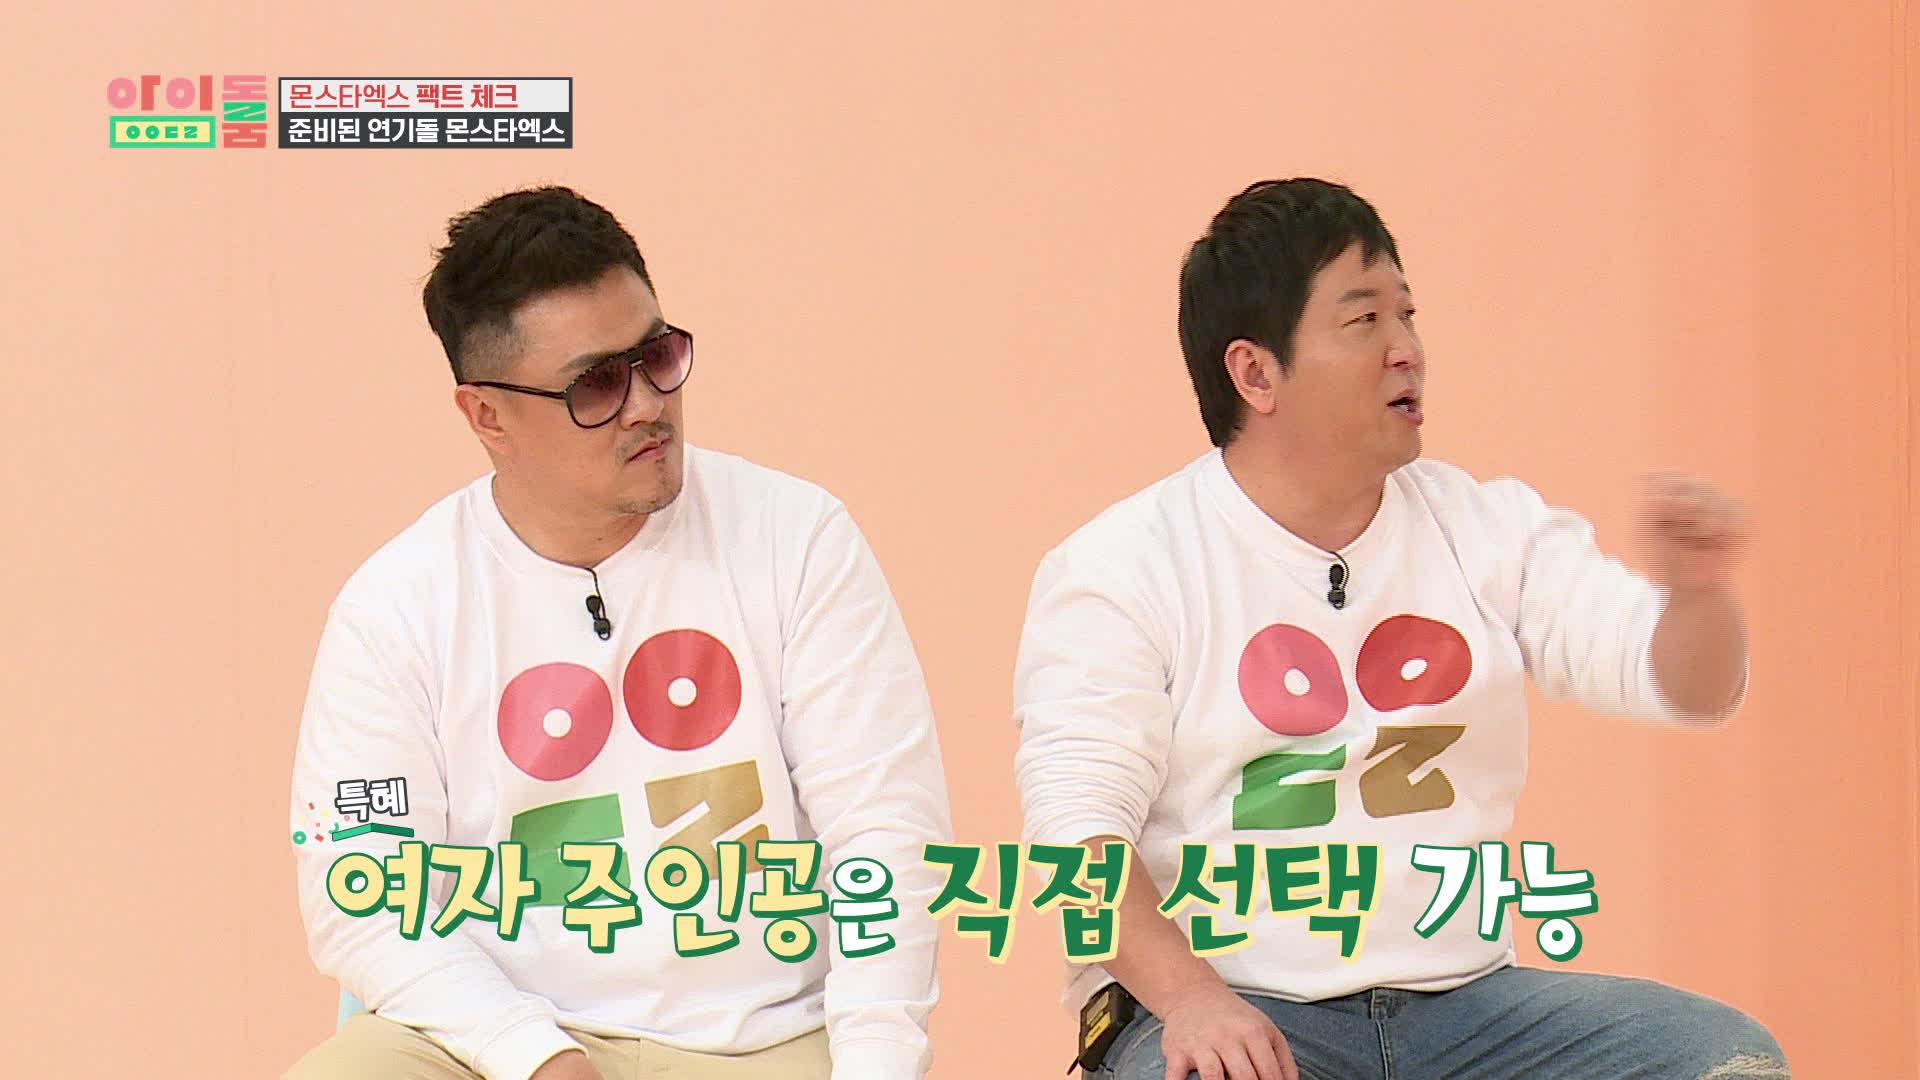 """아이돌룸(IDOL ROOM) 24회 - 준비된 연기돌(?) 몬스타엑스 기현 """"연기를 하기 위해 태어났다!"""" Kihyun, """"I was born to act!"""""""